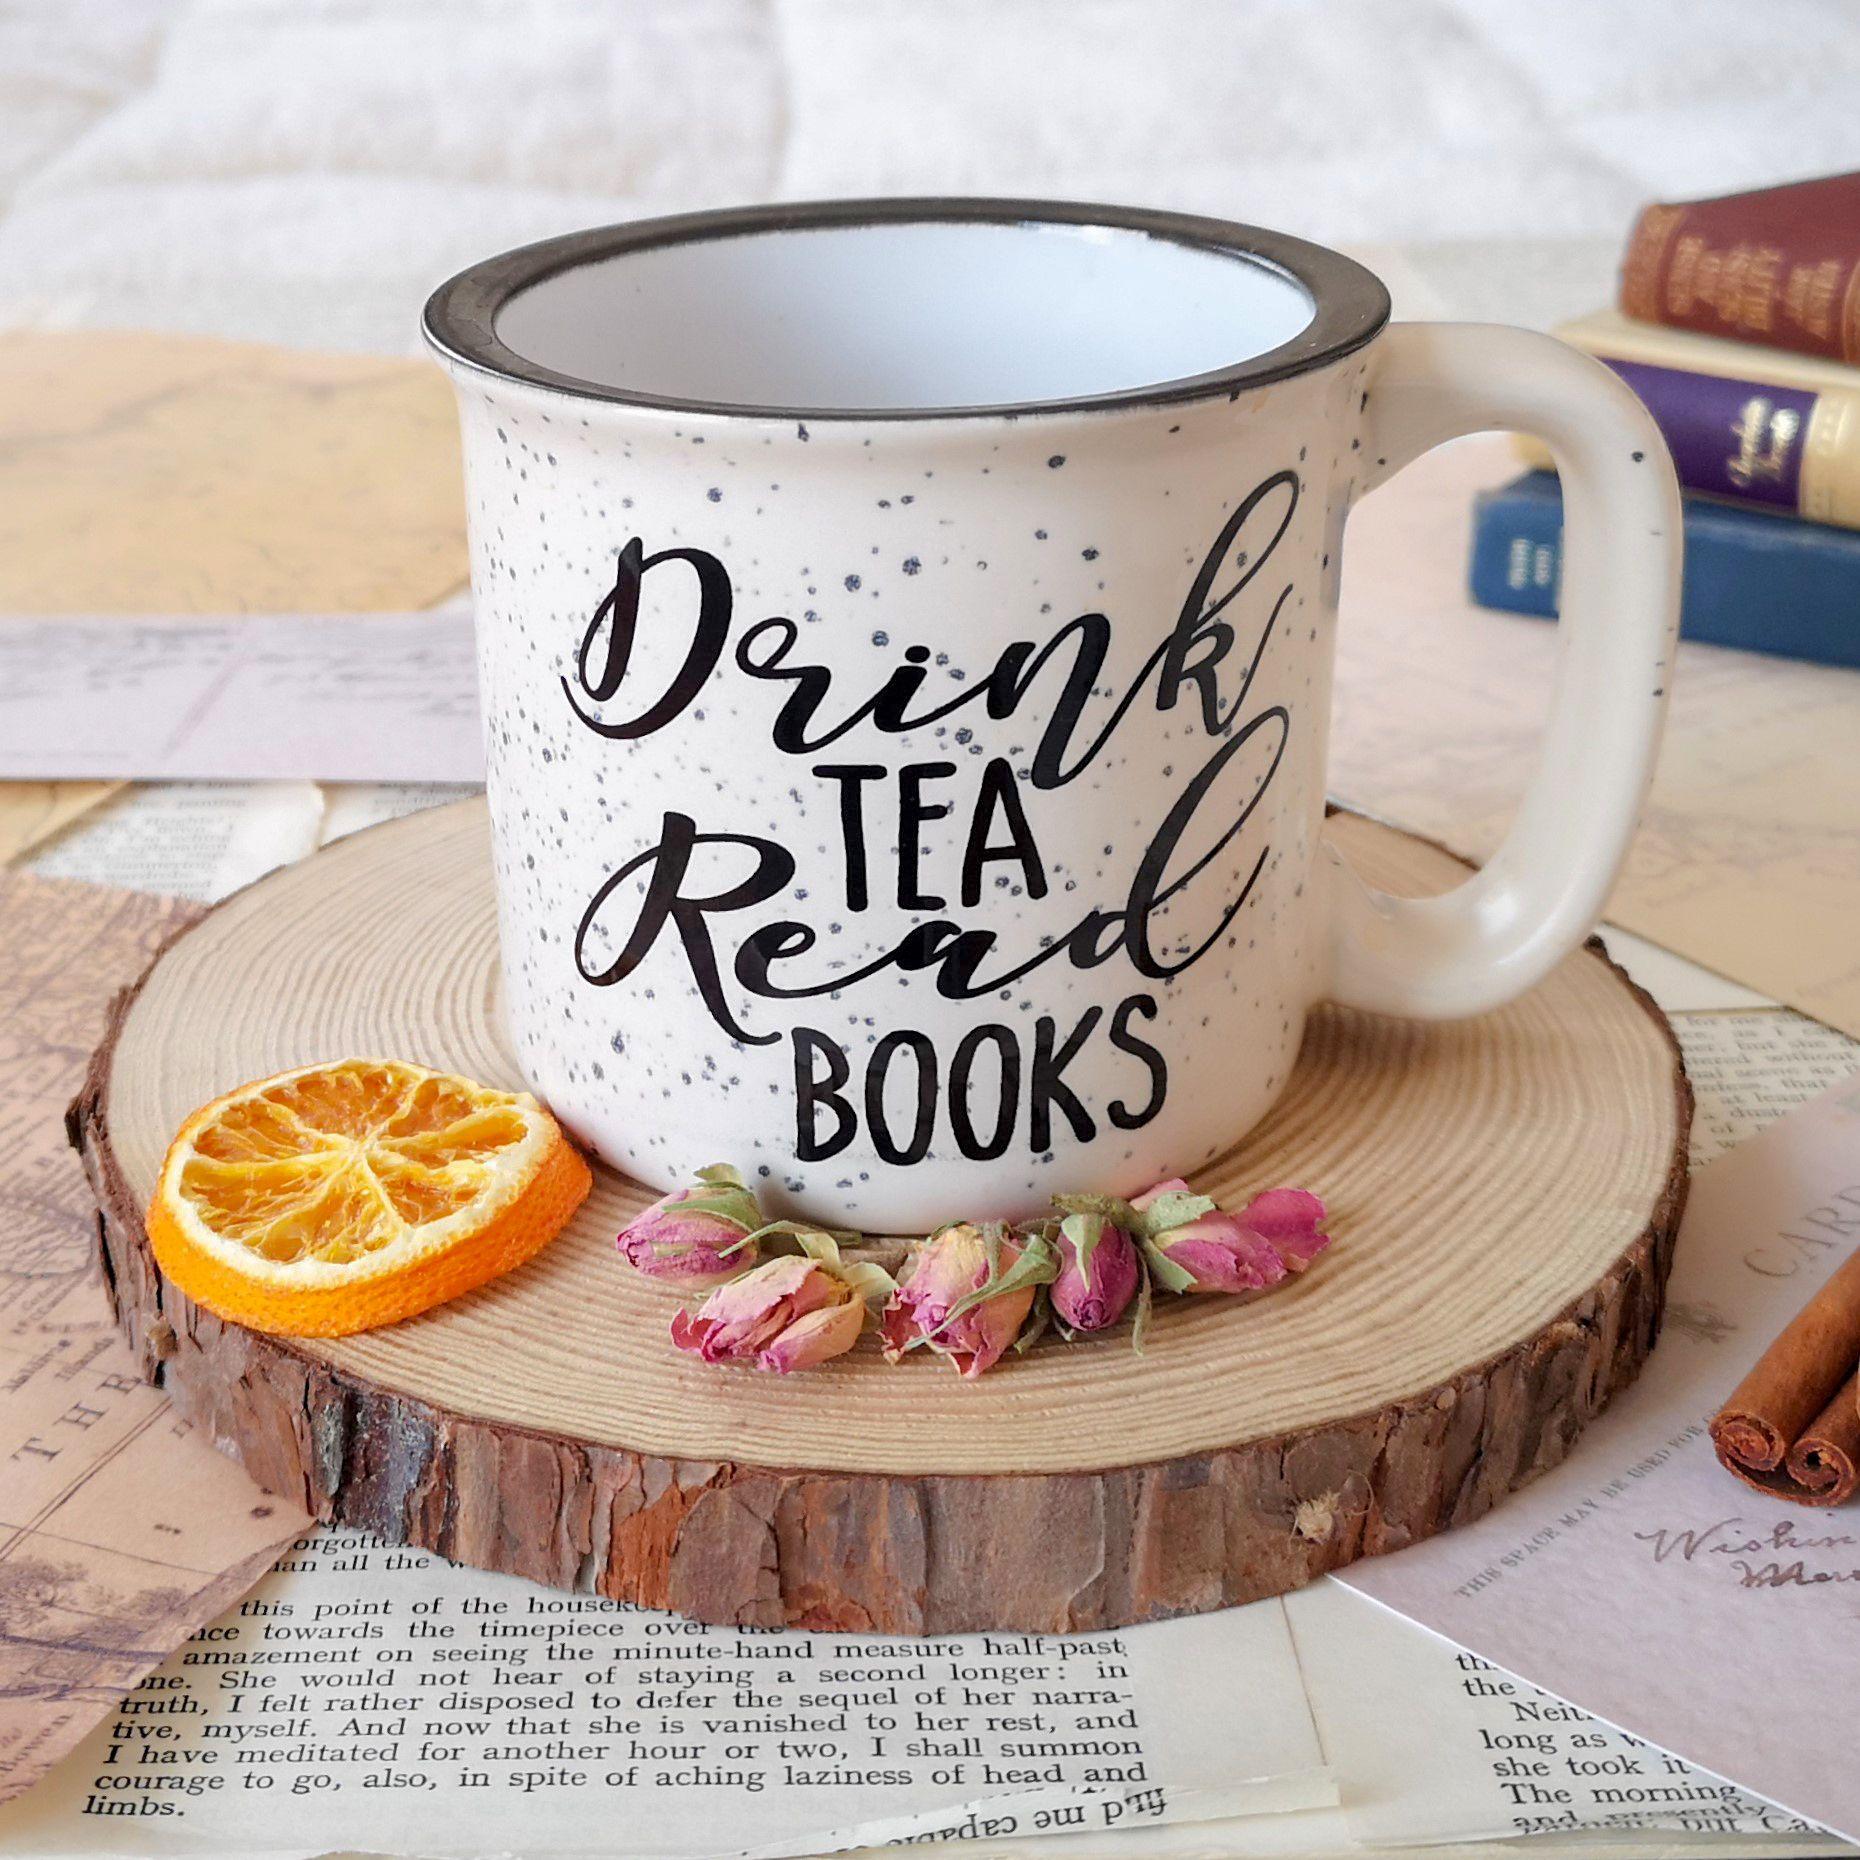 Tea & Books Campfire Mug